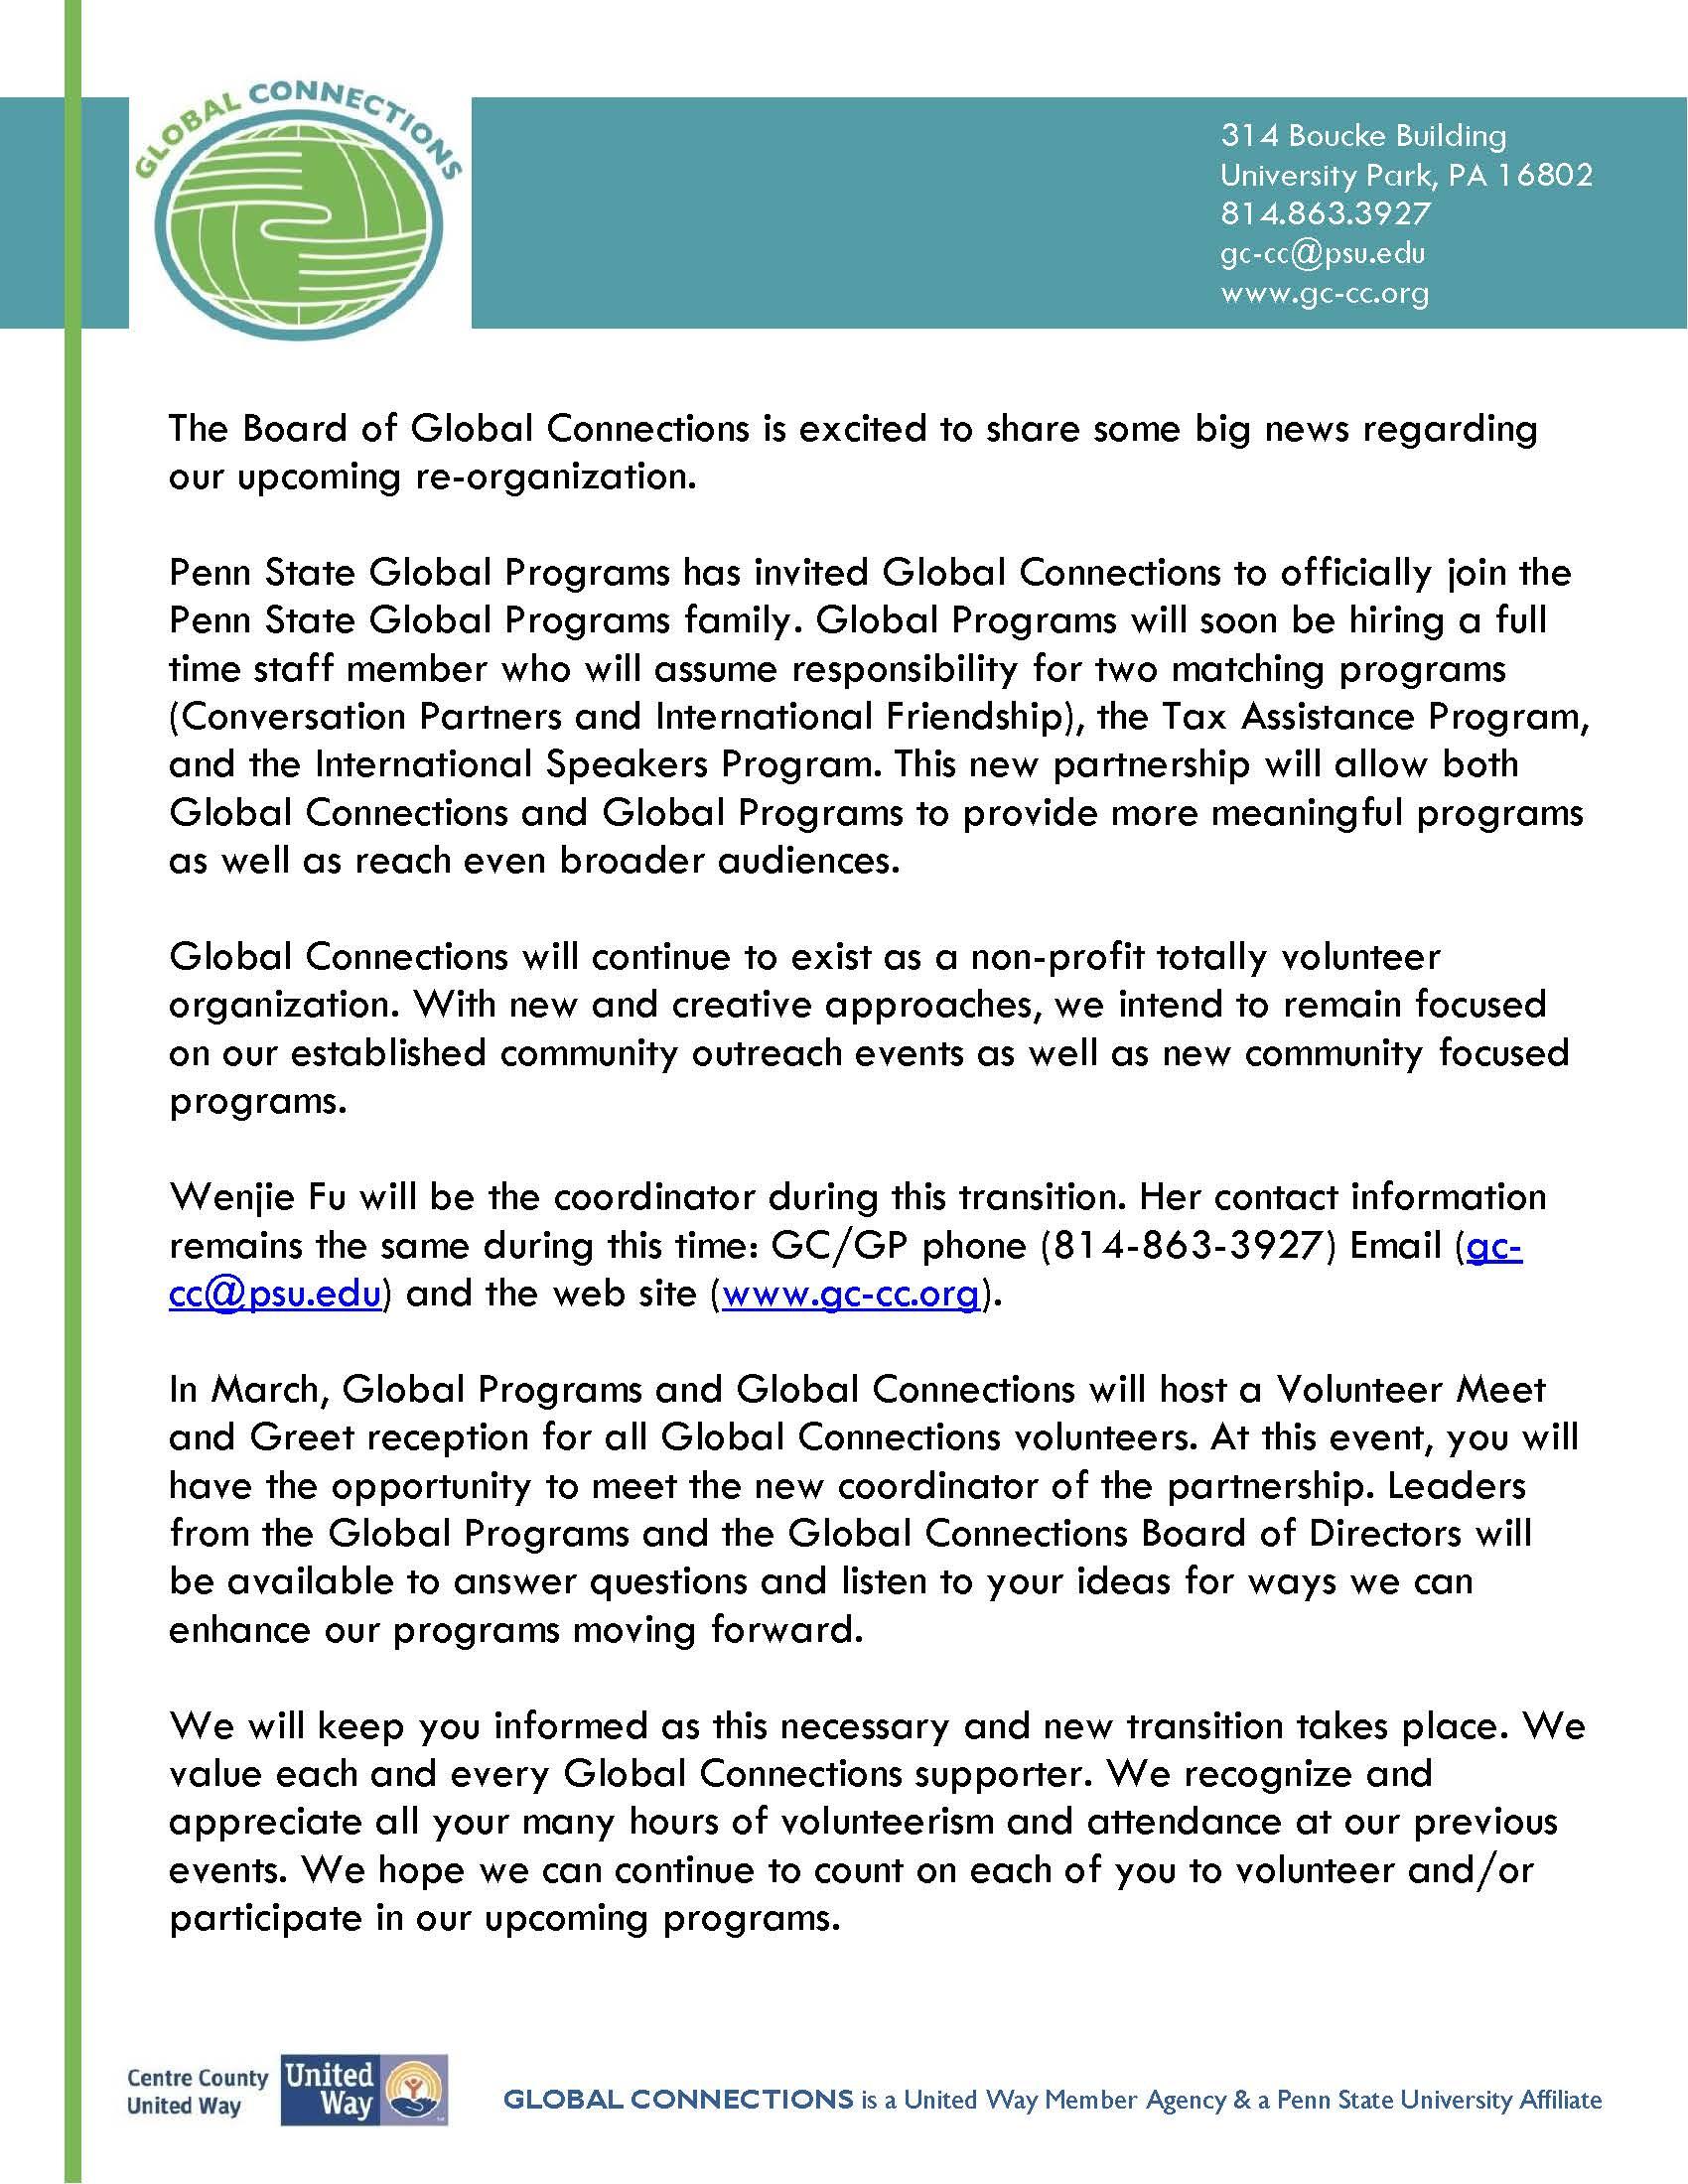 Letterhead – GC&GP announcement